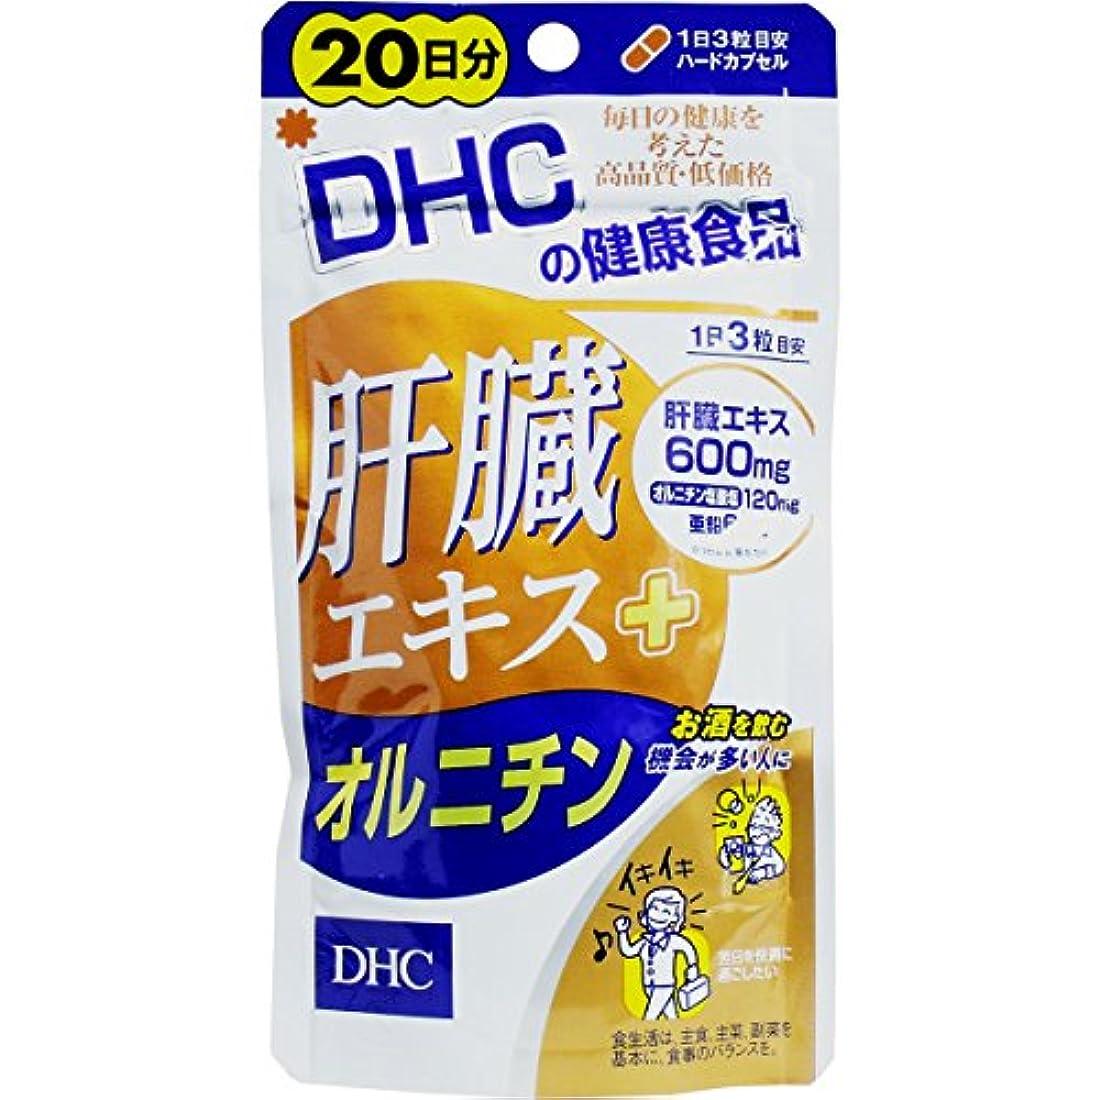 線リールライオネルグリーンストリートDHC 肝臓エキス+オルニチン 20日分 60粒 ×2個セット